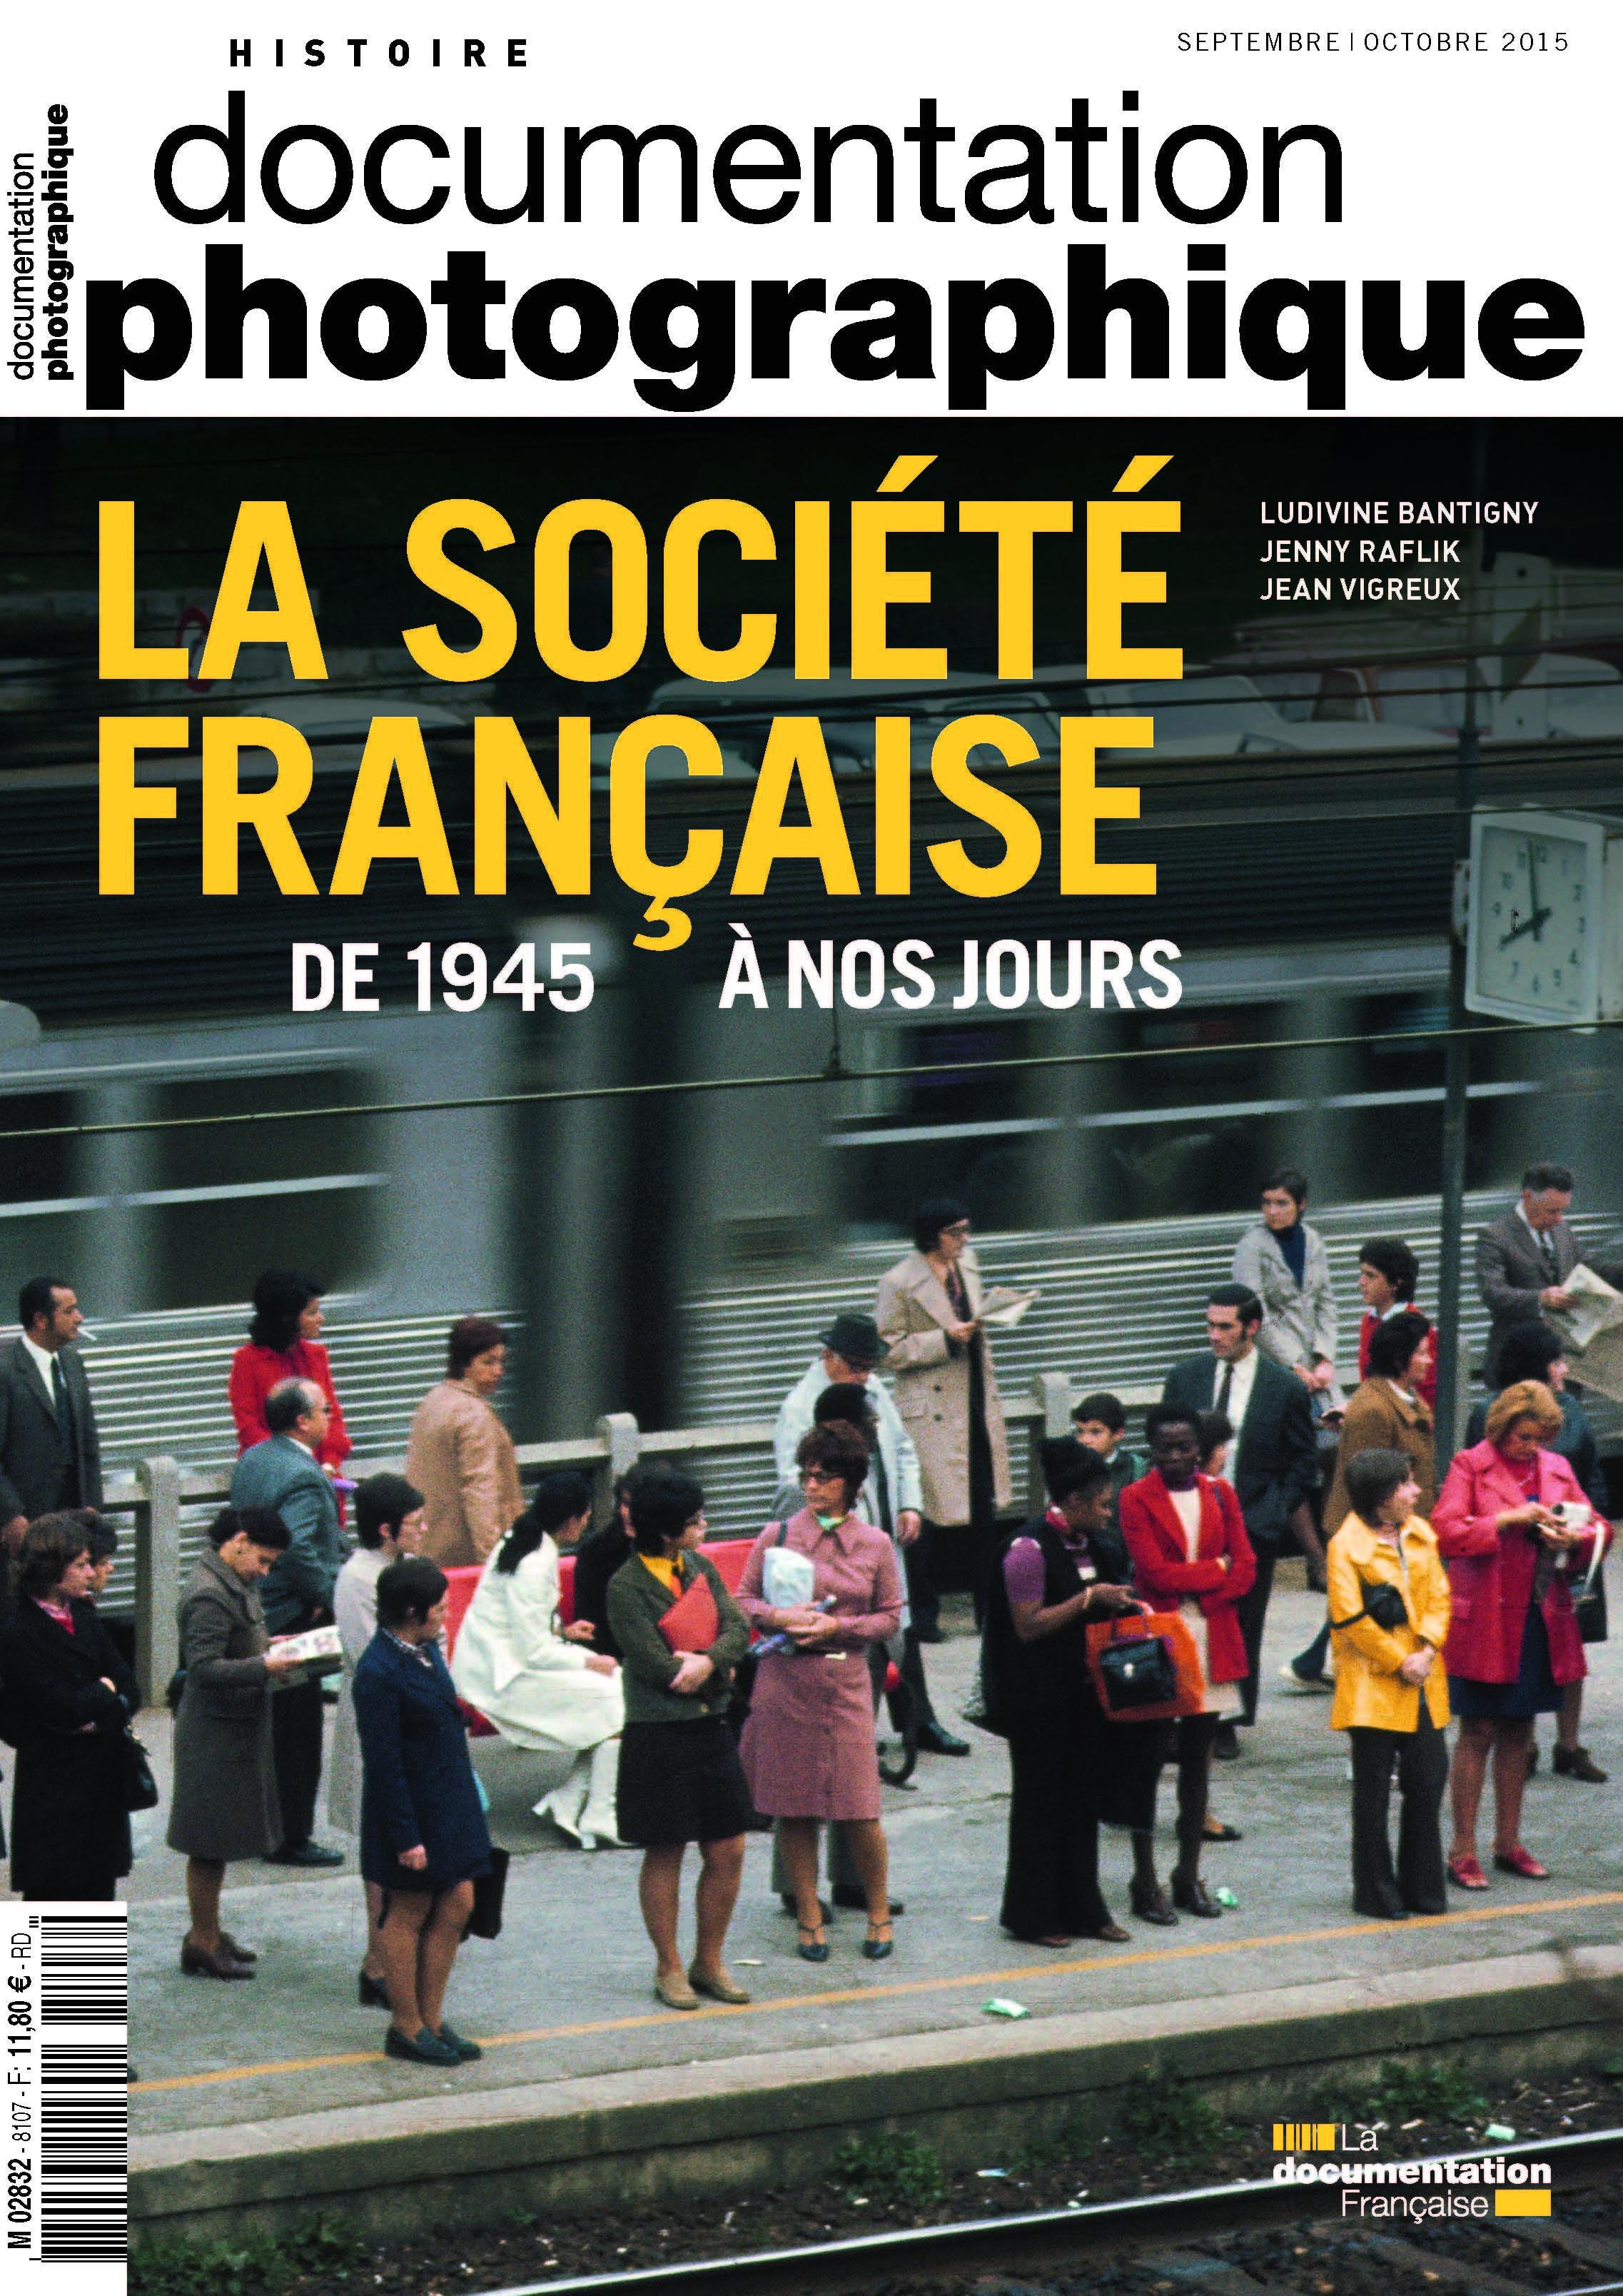 LA SOCIETE FRANCAISE DE 1945 A NOS JOURS - DP N 8107 09-10/2015